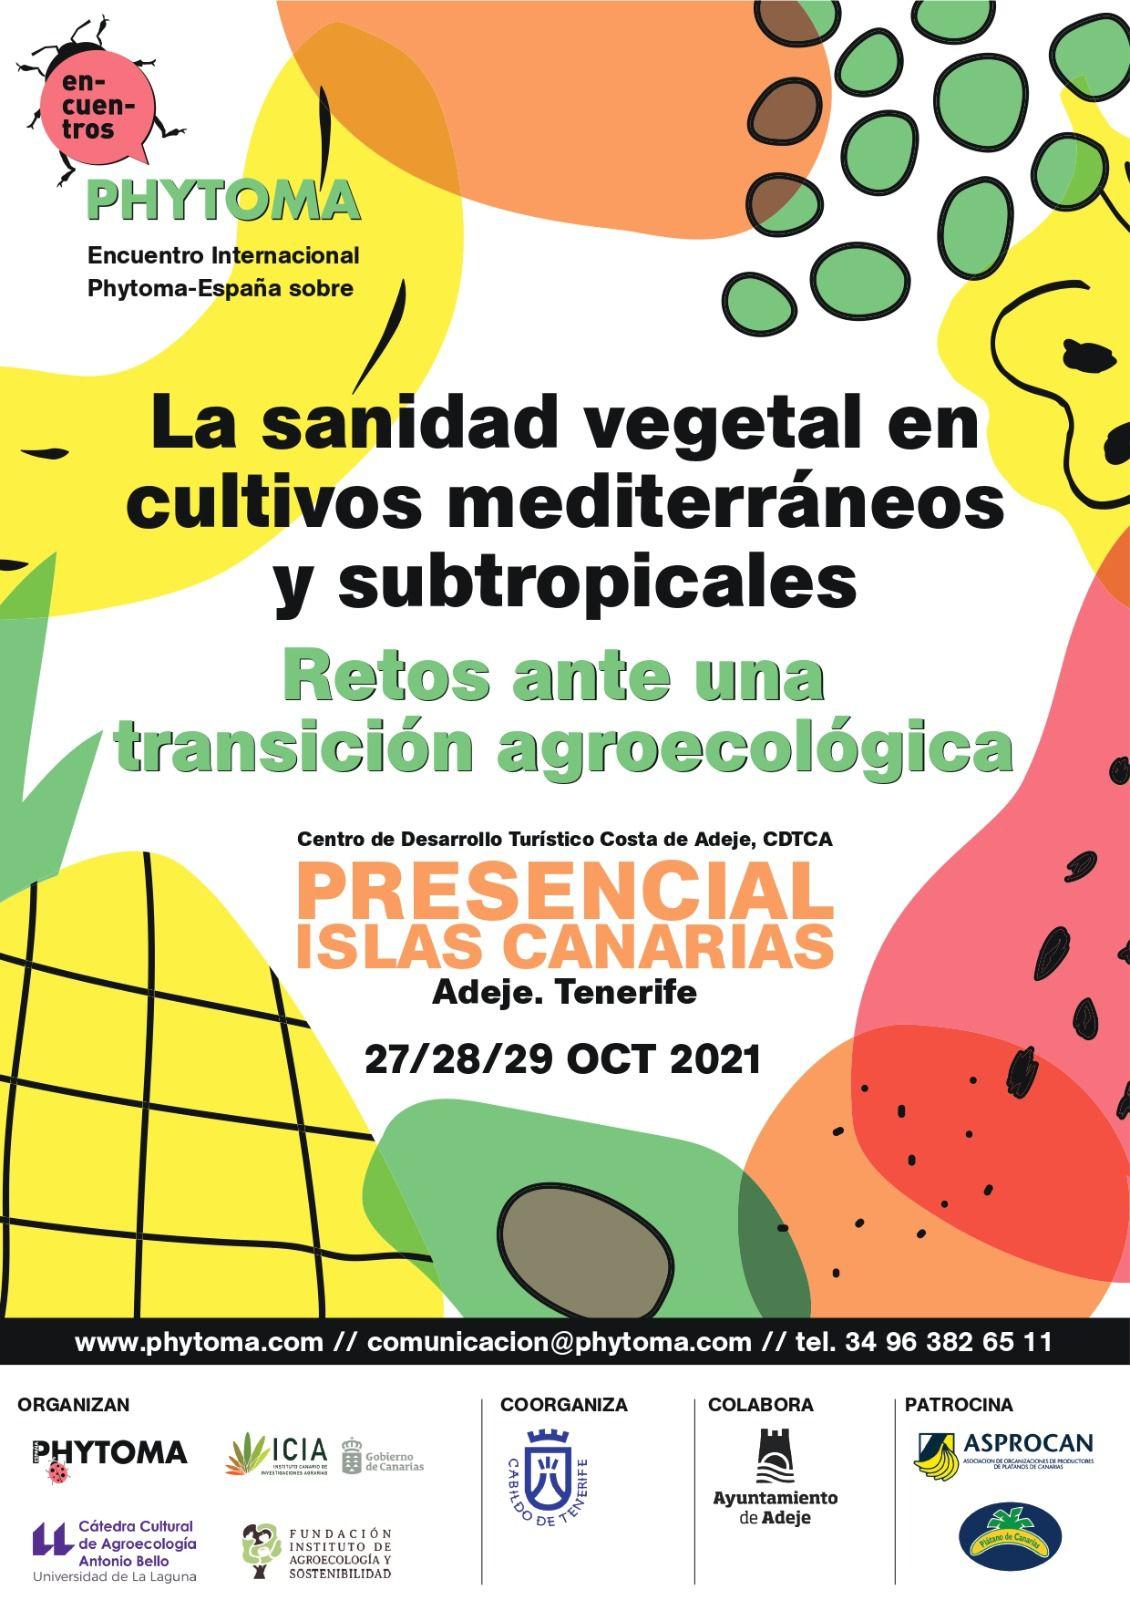 Canarias será la sede de un congreso internacional sobre transición agroecológica y sanidad en los cultivos